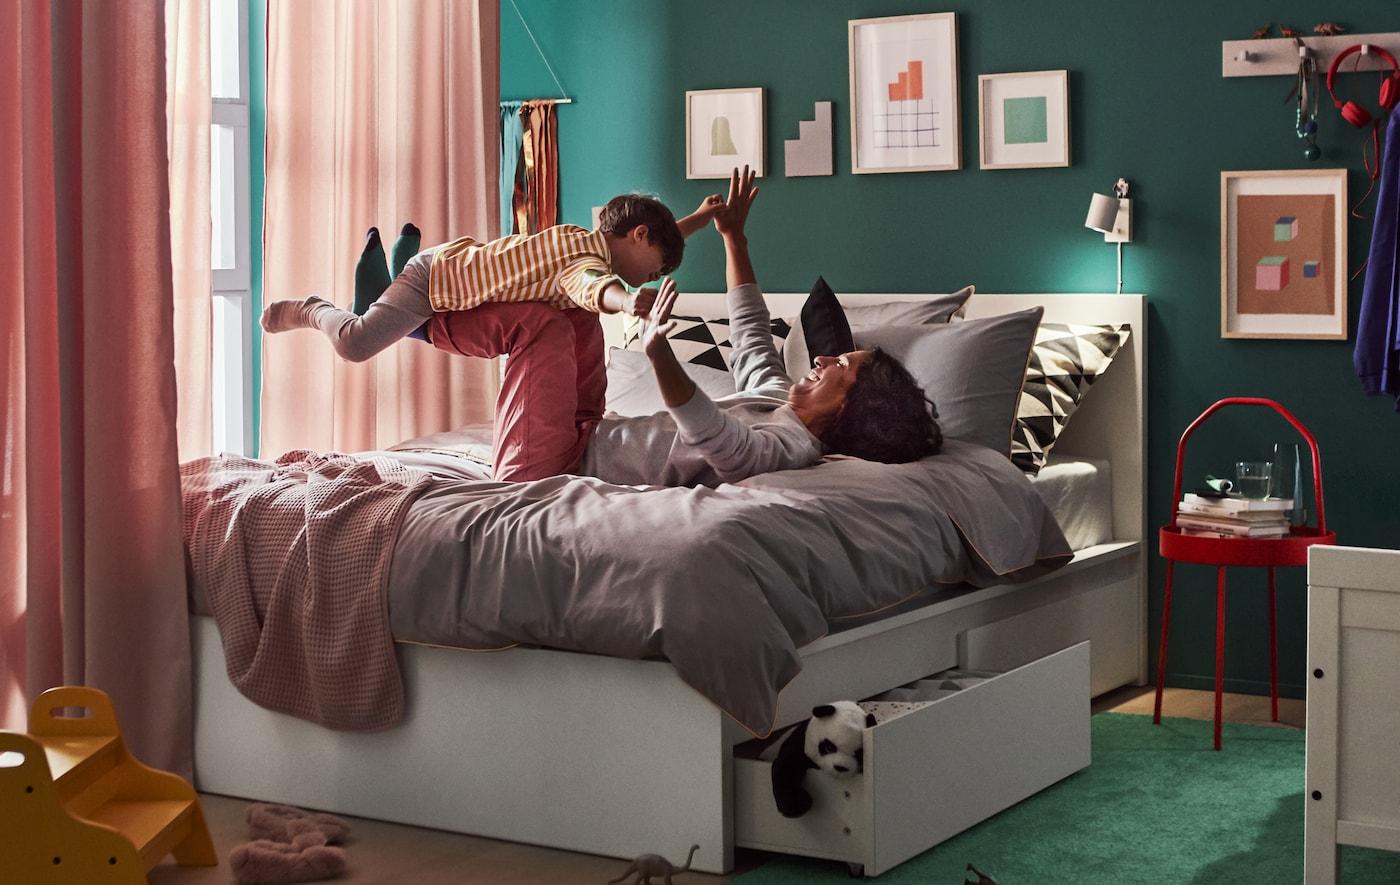 Odrasla osoba i dijete igraju se na bračnom krevetu s ladicama za odlaganje. Oko kreveta vise zavjese, dok se na zidu nalaze umjetnine.